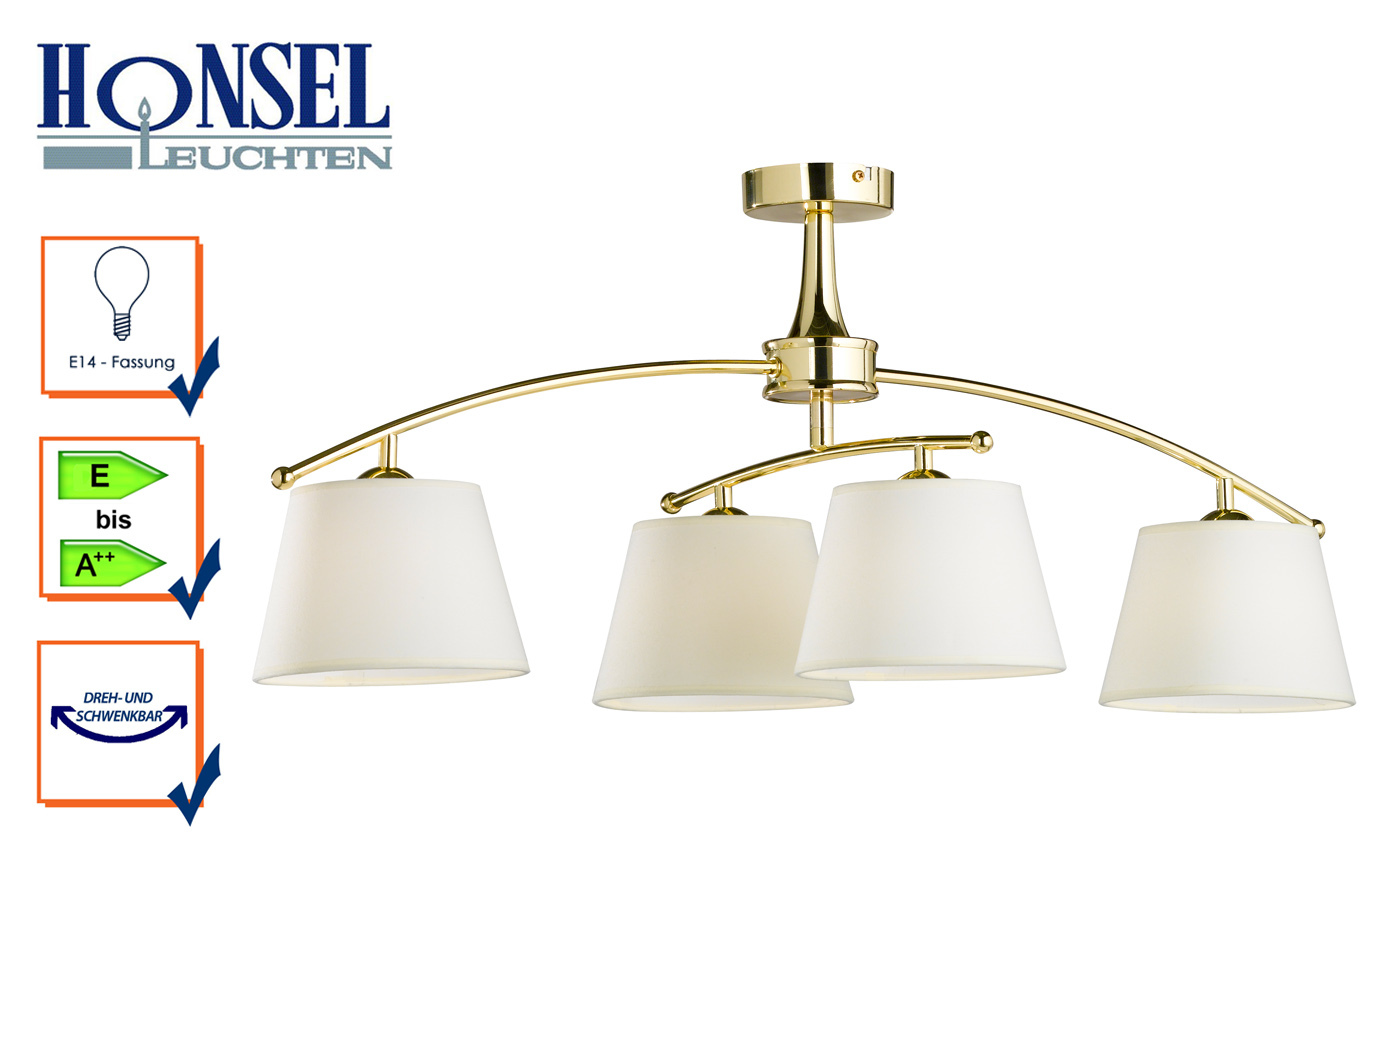 Amüsant Messing Deckenlampe Das Beste Von Das Bild Wird Geladen Deckenleuchte-4-flammig-schwenkbar-messing-poliert- Deckenlampe-wohnzimmer-